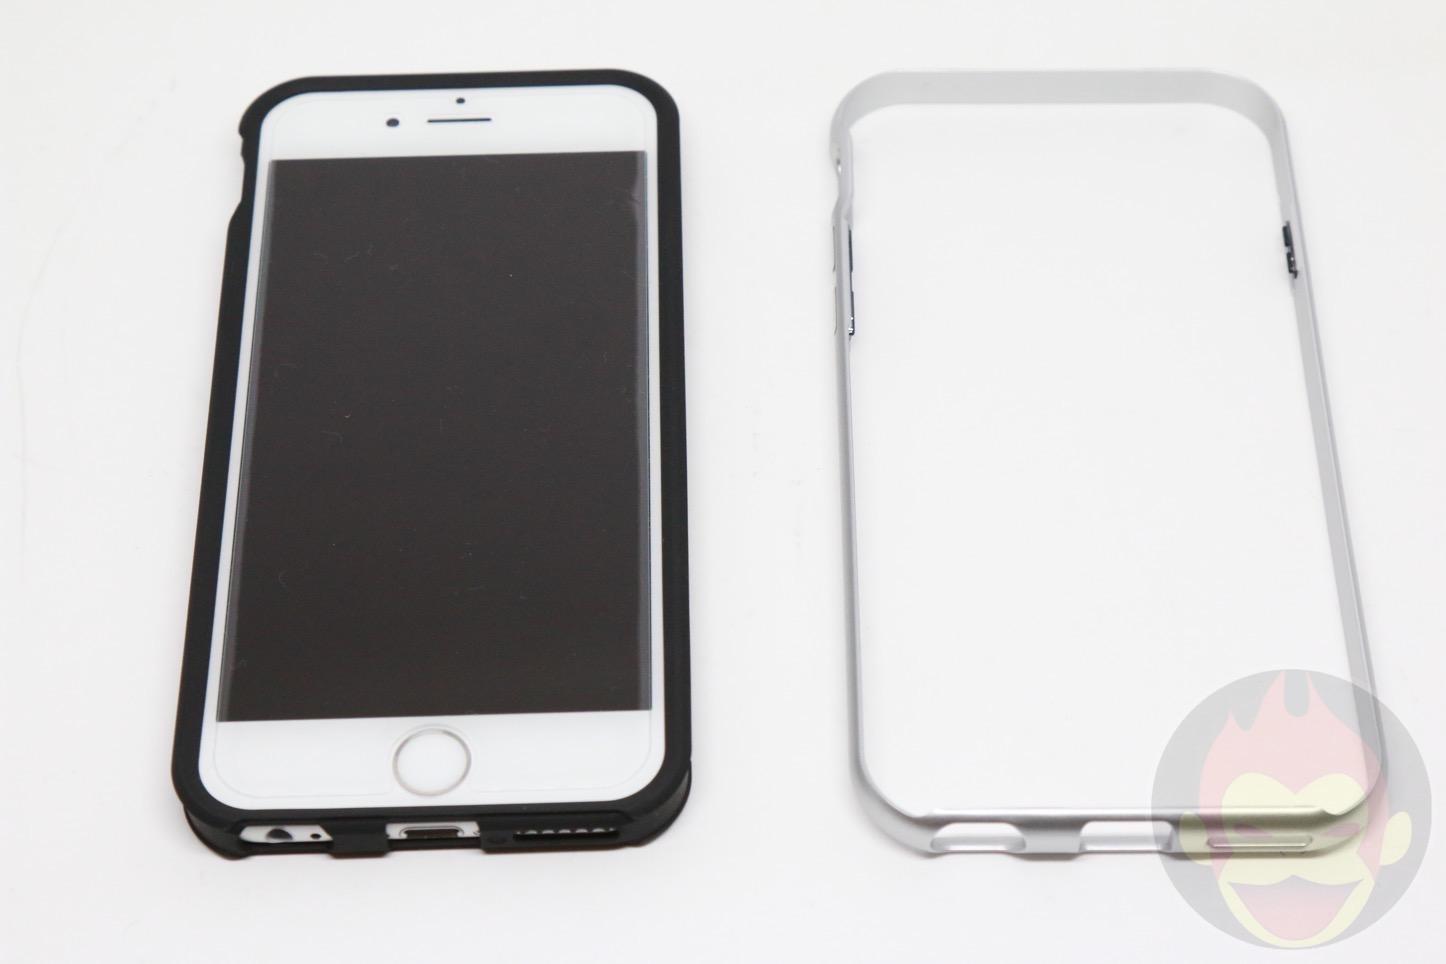 iPhone6s-Spigen-Neo-Hybrid-Case-10.JPG